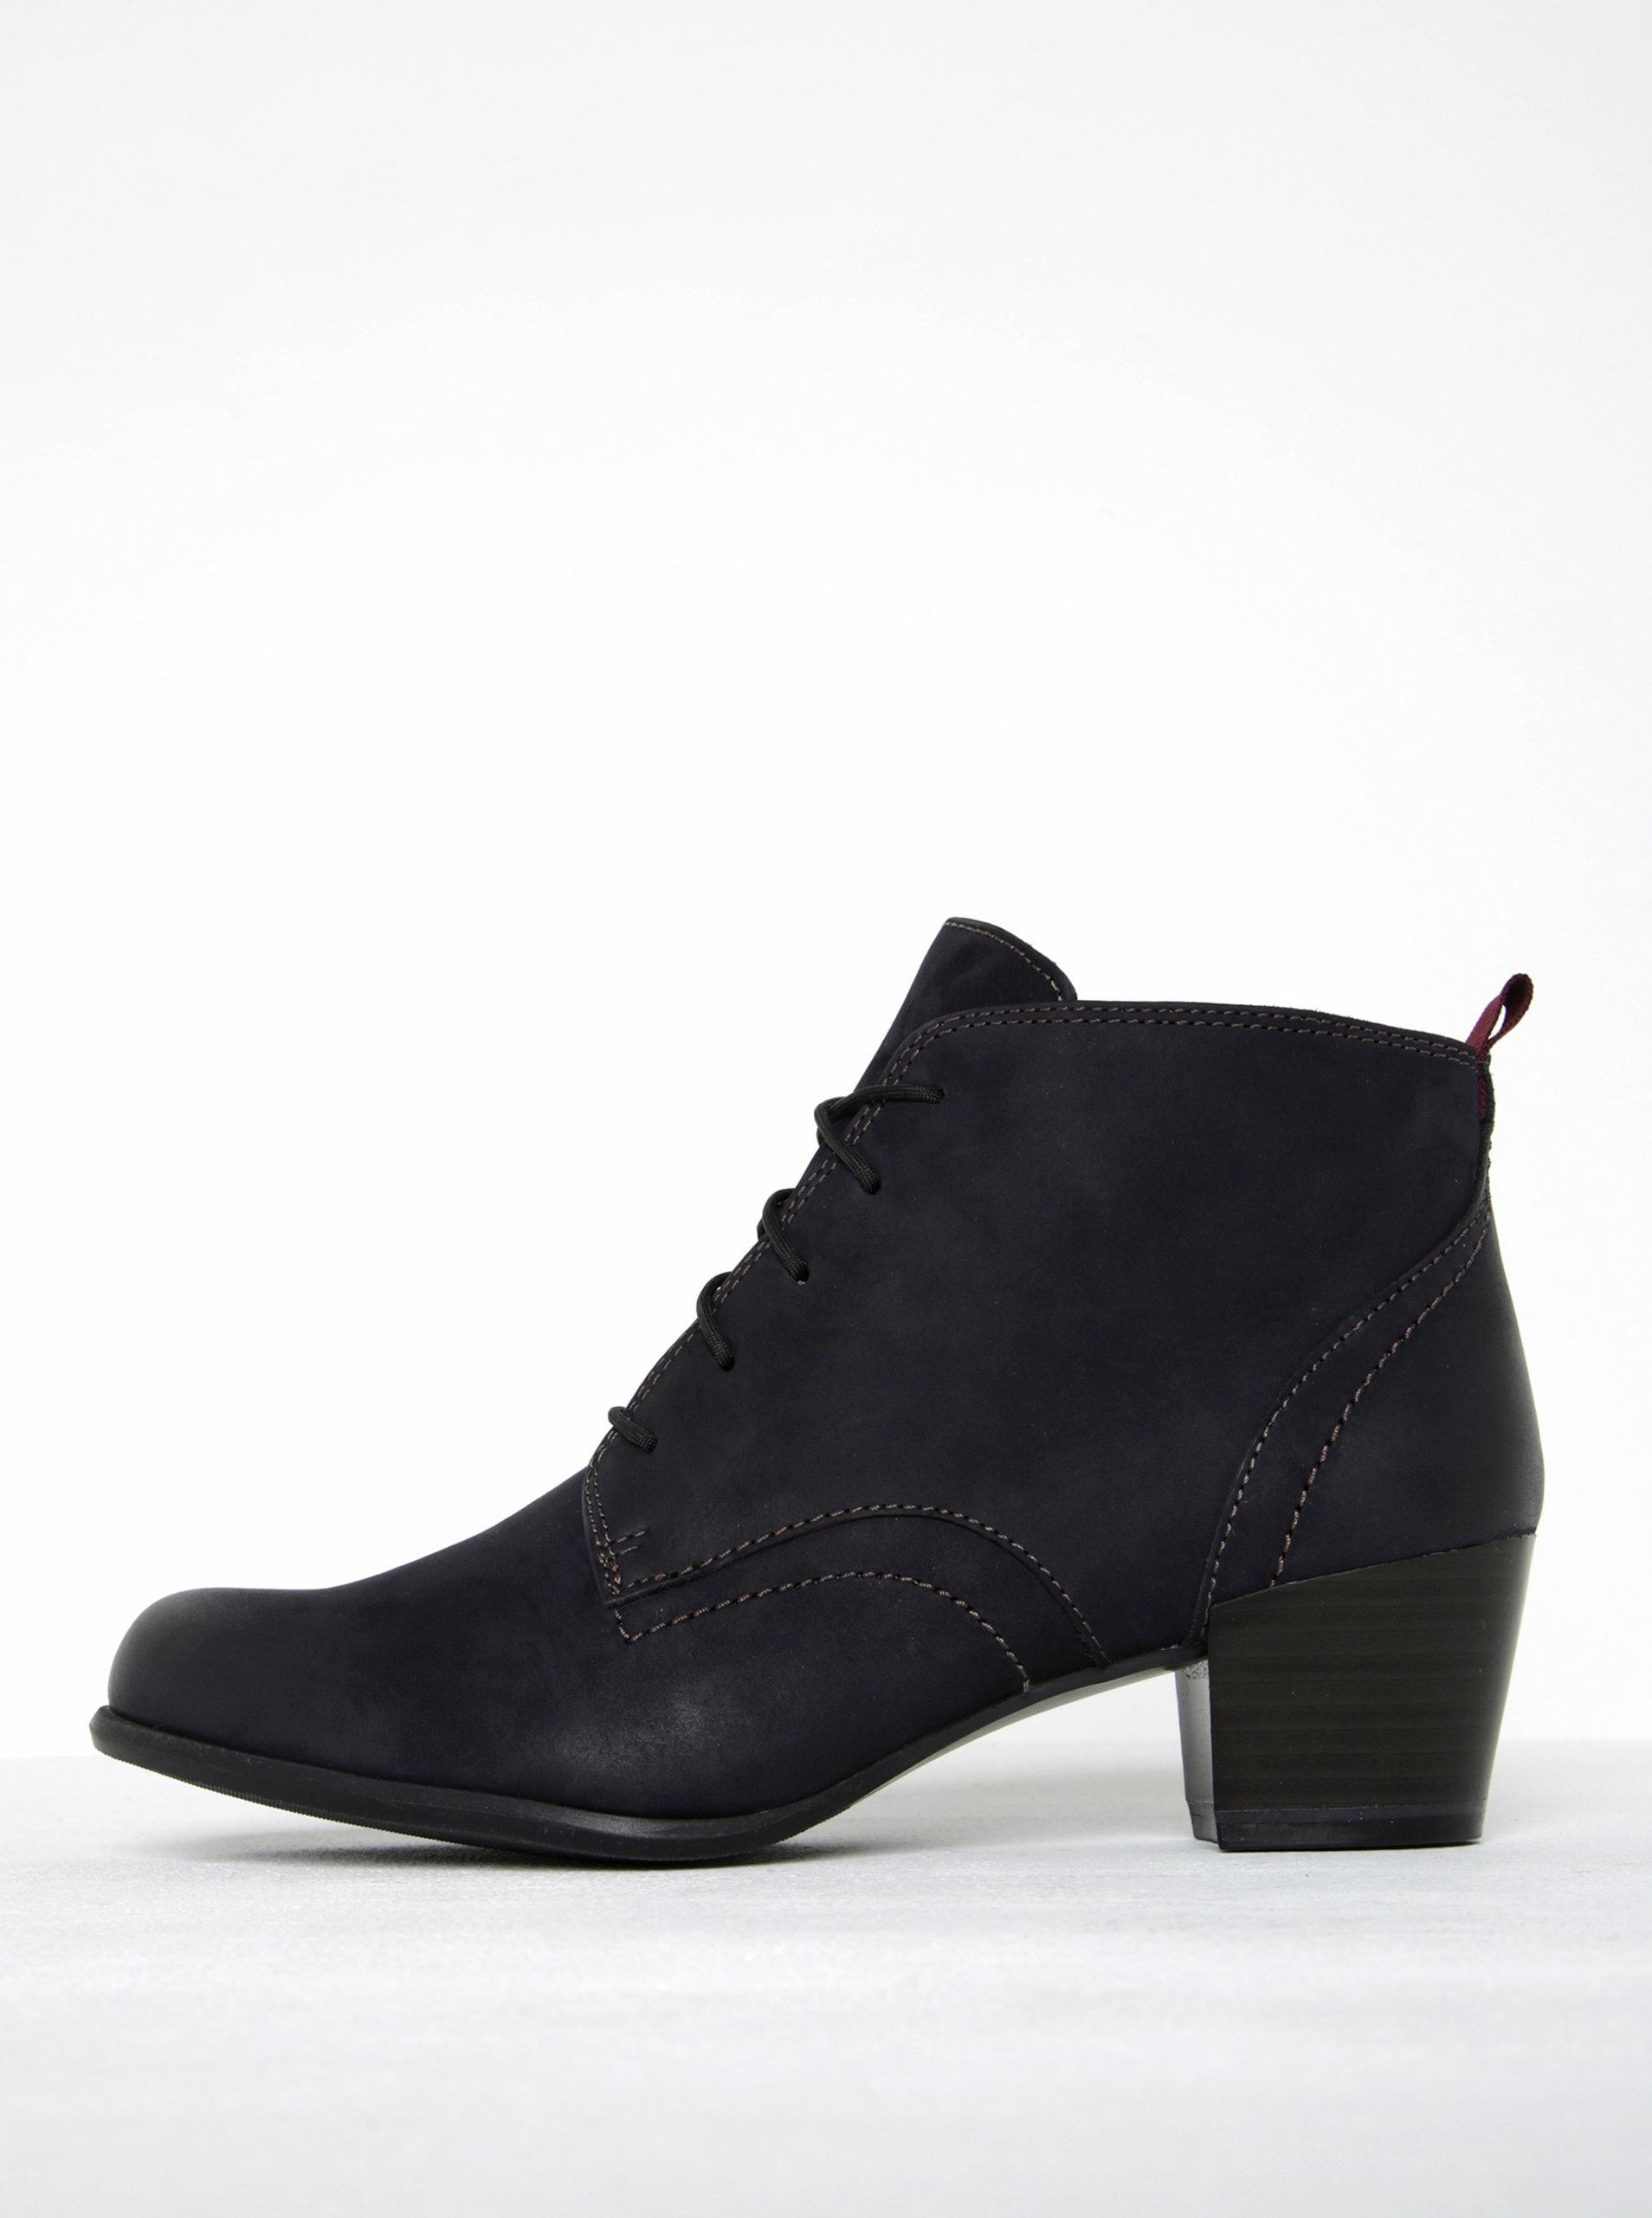 e838793da4d Tmavě modré kožené kotníkové boty na podpatku Tamaris ...